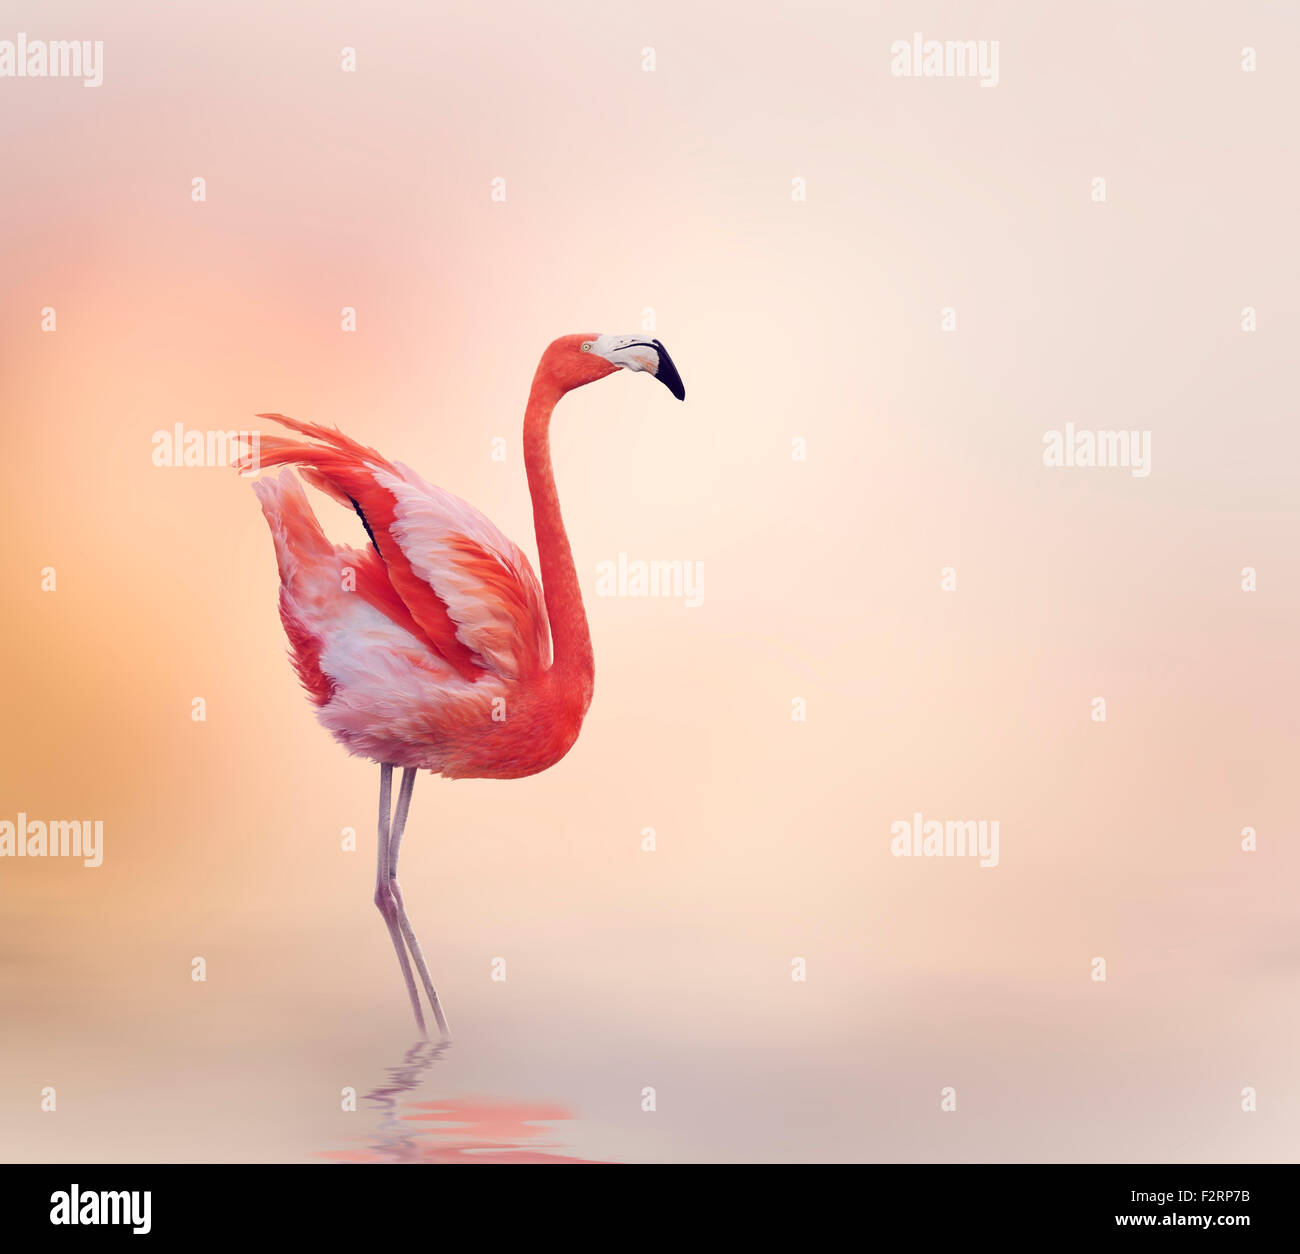 Pink Flamingo Walking at Sunset - Stock Image